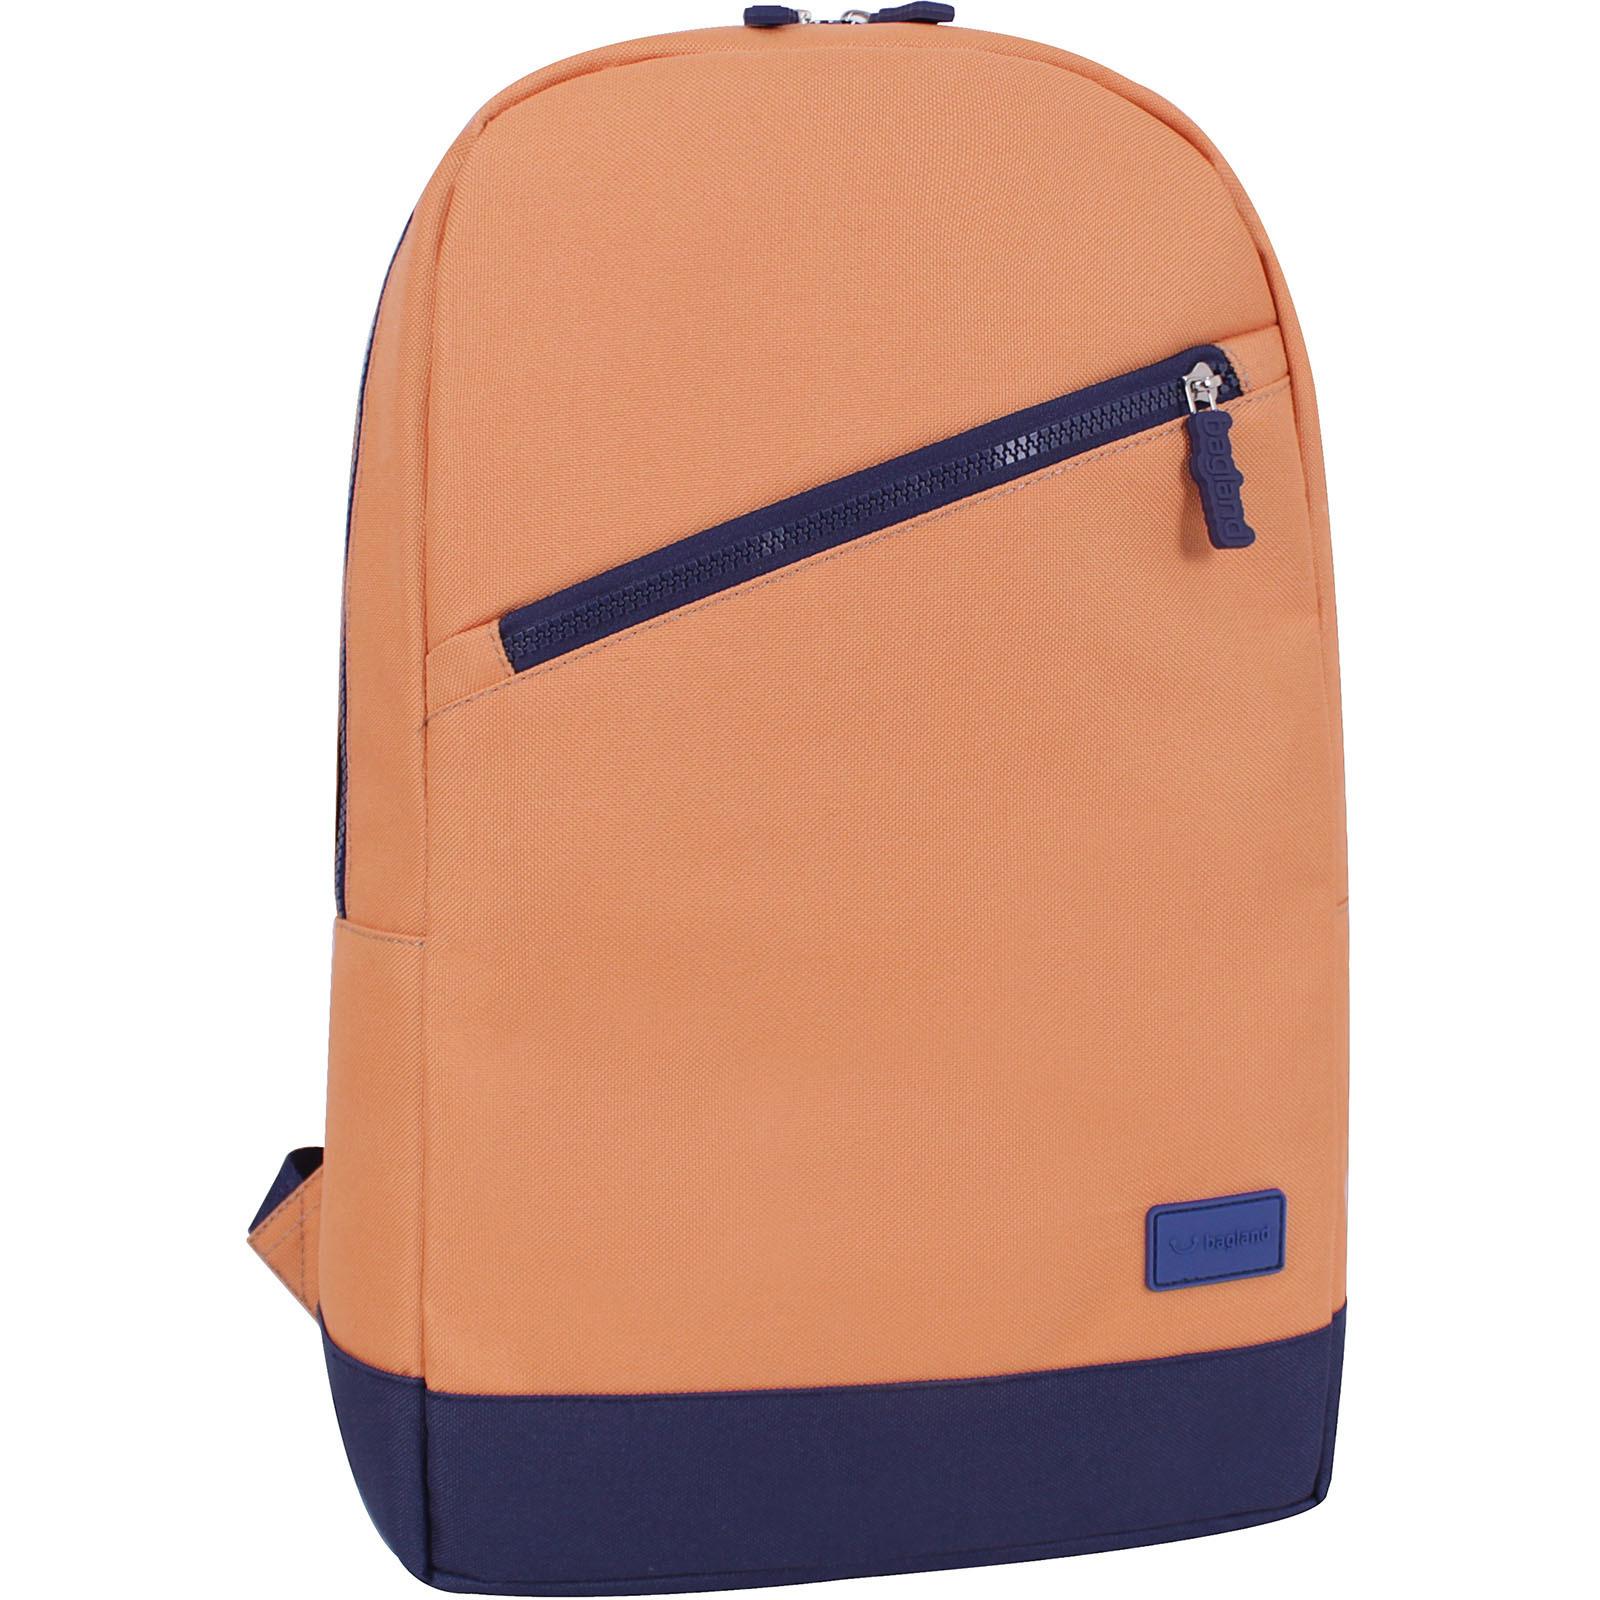 Городские рюкзаки Рюкзак Bagland Amber 15 л. рыжий/чернильный (0010466) IMG_5271.JPG